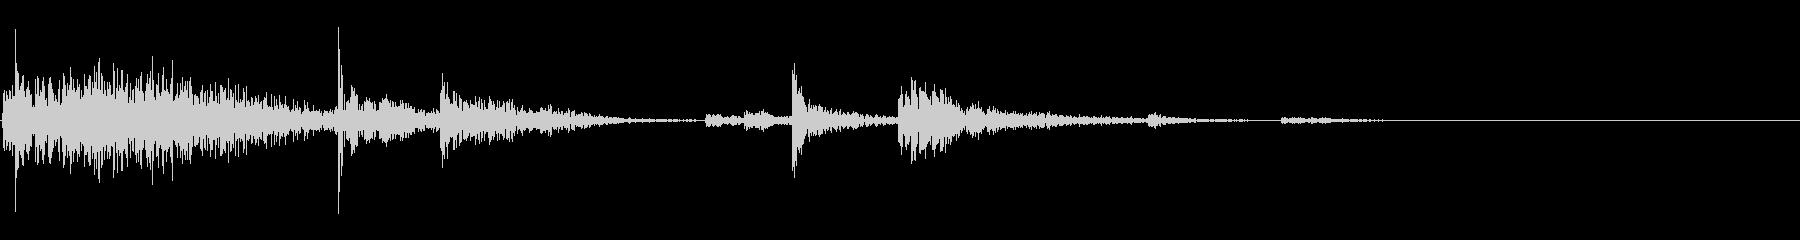 【生録音】鎖を軽く引っ張る音 1の未再生の波形